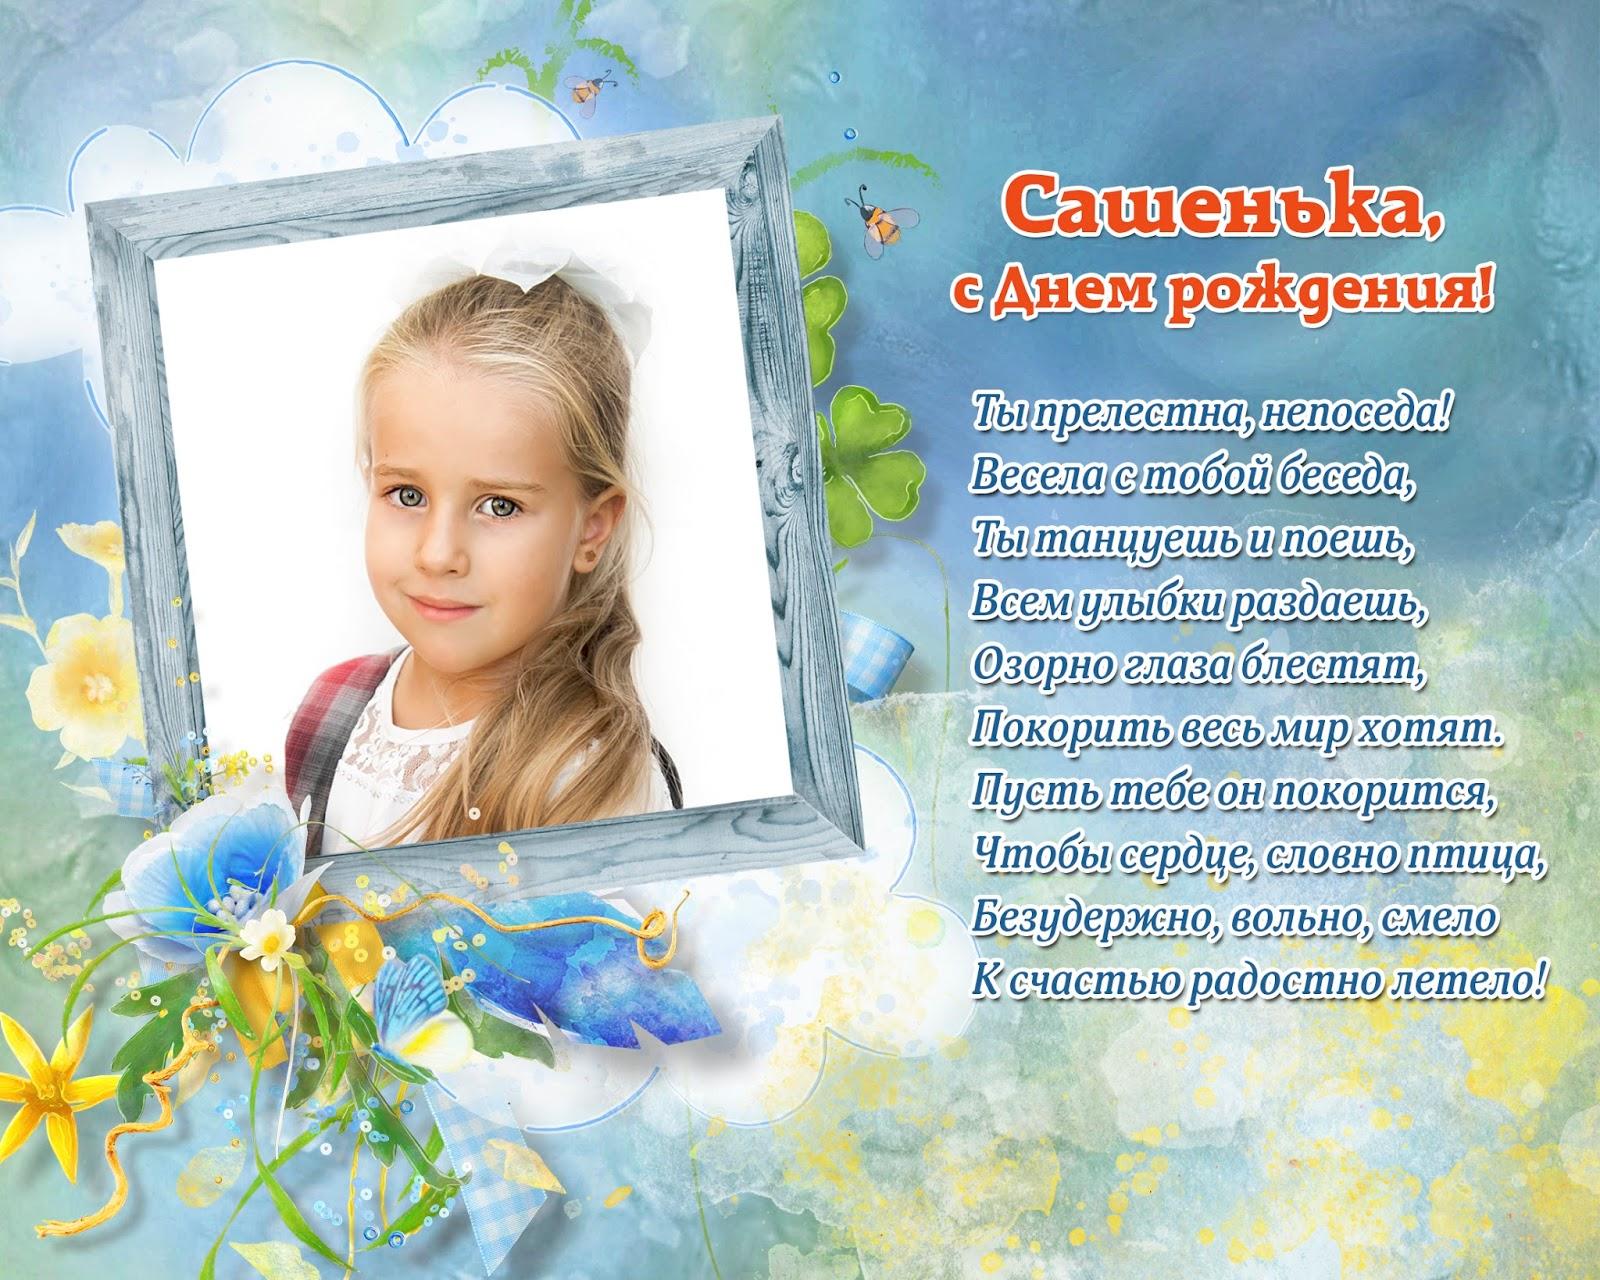 Поздравления с днем рождения Александре - Праздники 45